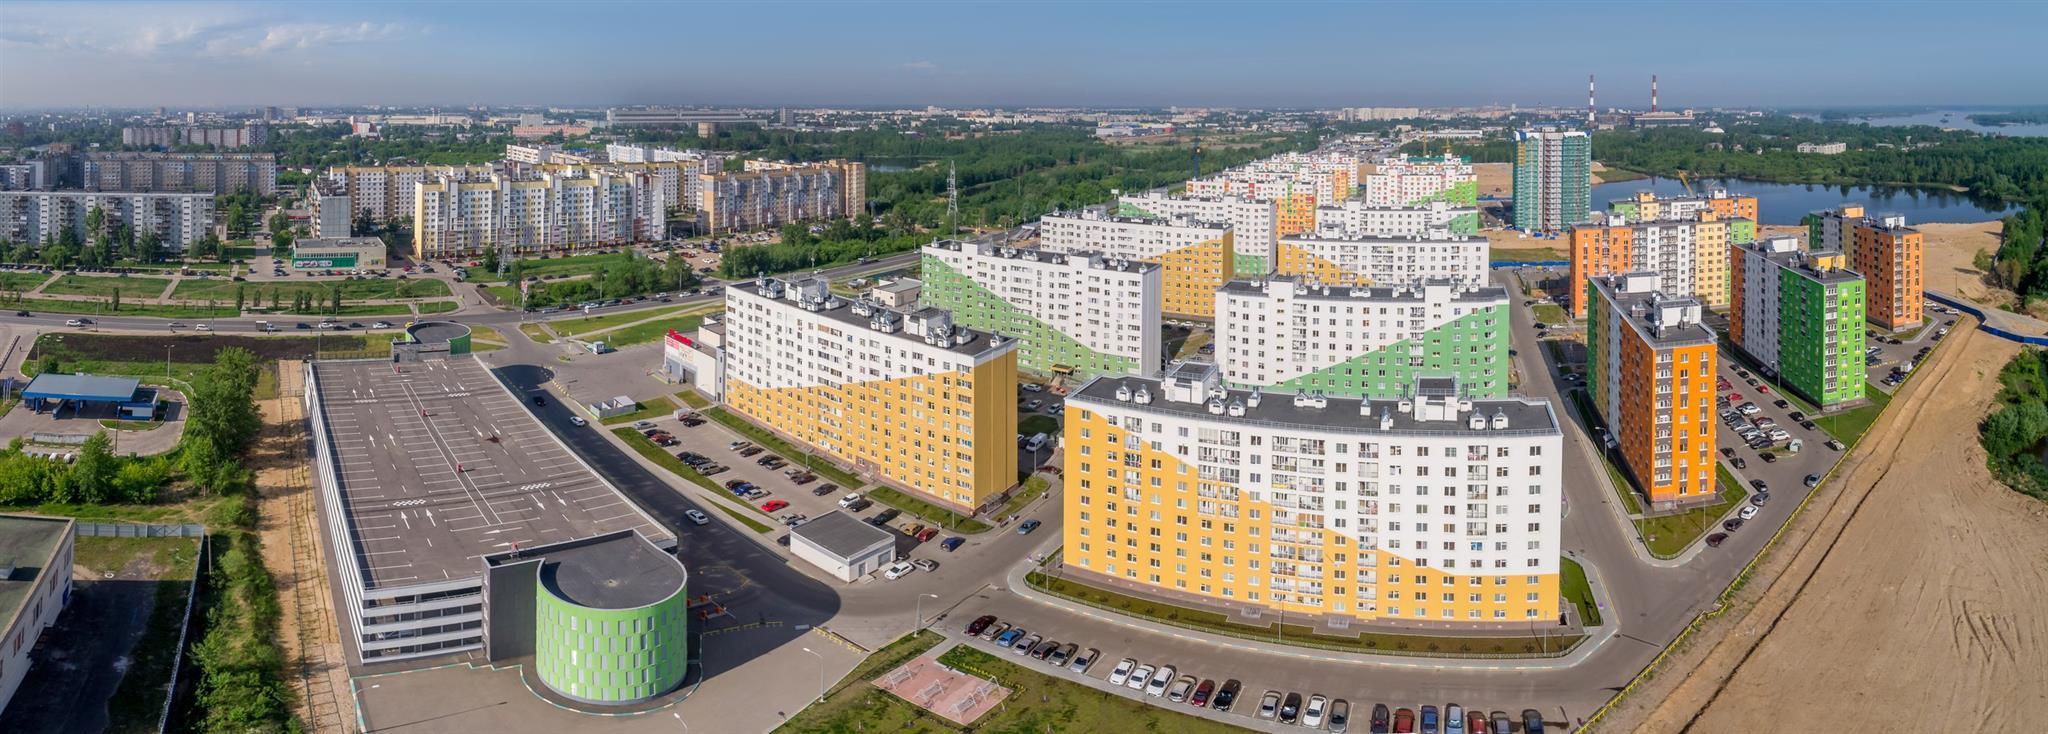 Жилстрой коммерческая недвижимость аренда офиса 15 кв.м.собственник